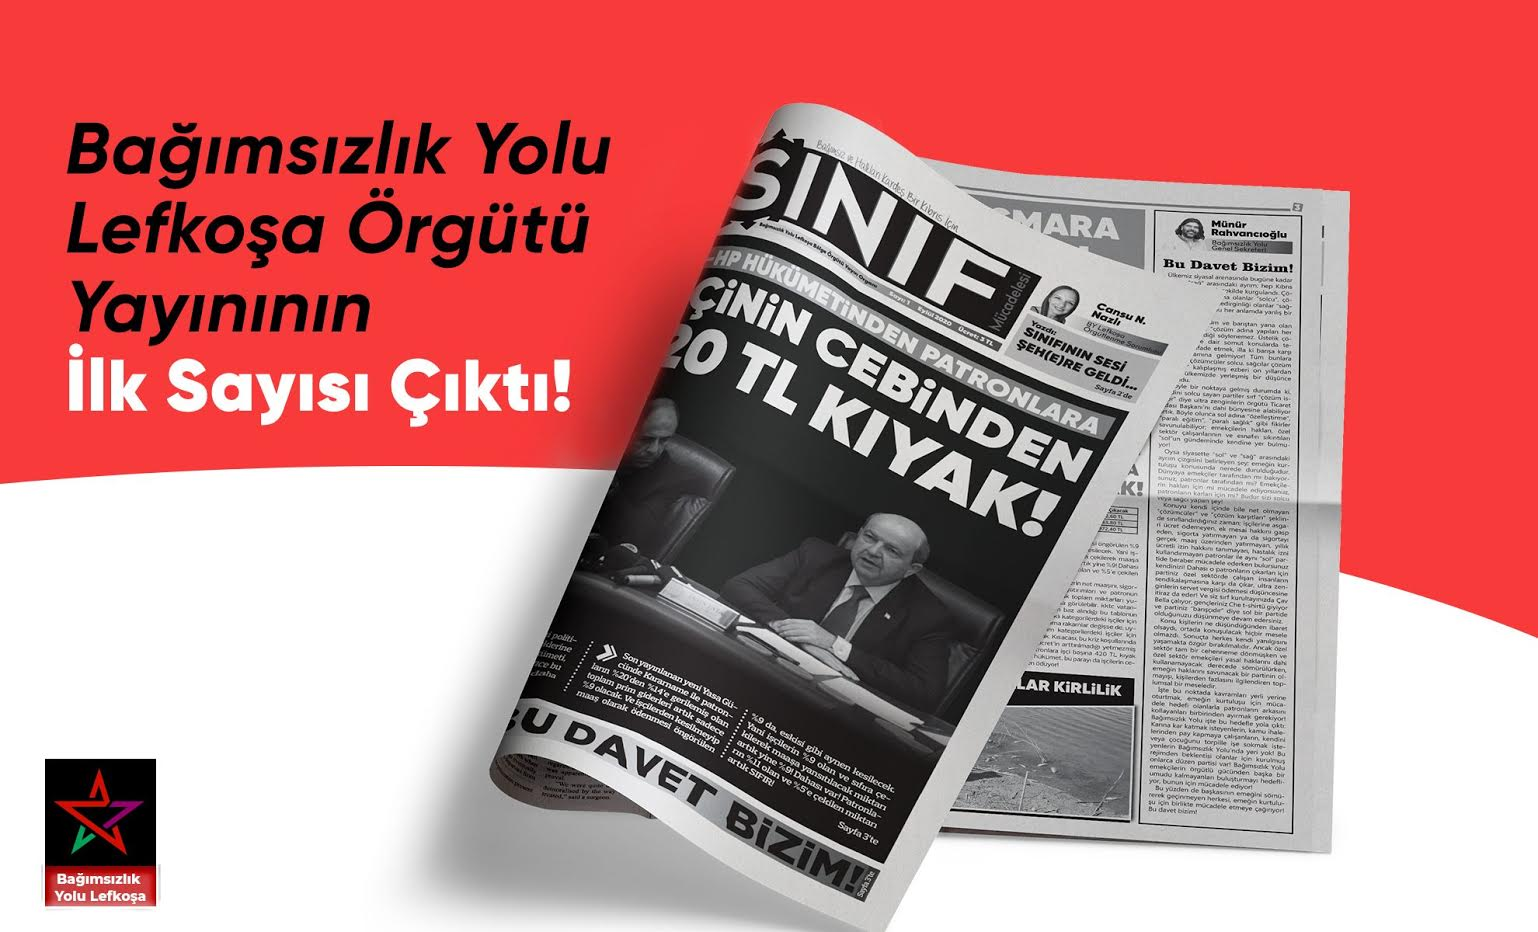 Bağımsızlık Yolu Lefkoşa'nın yayını Sınıf'ın ilk sayısı çıktı!